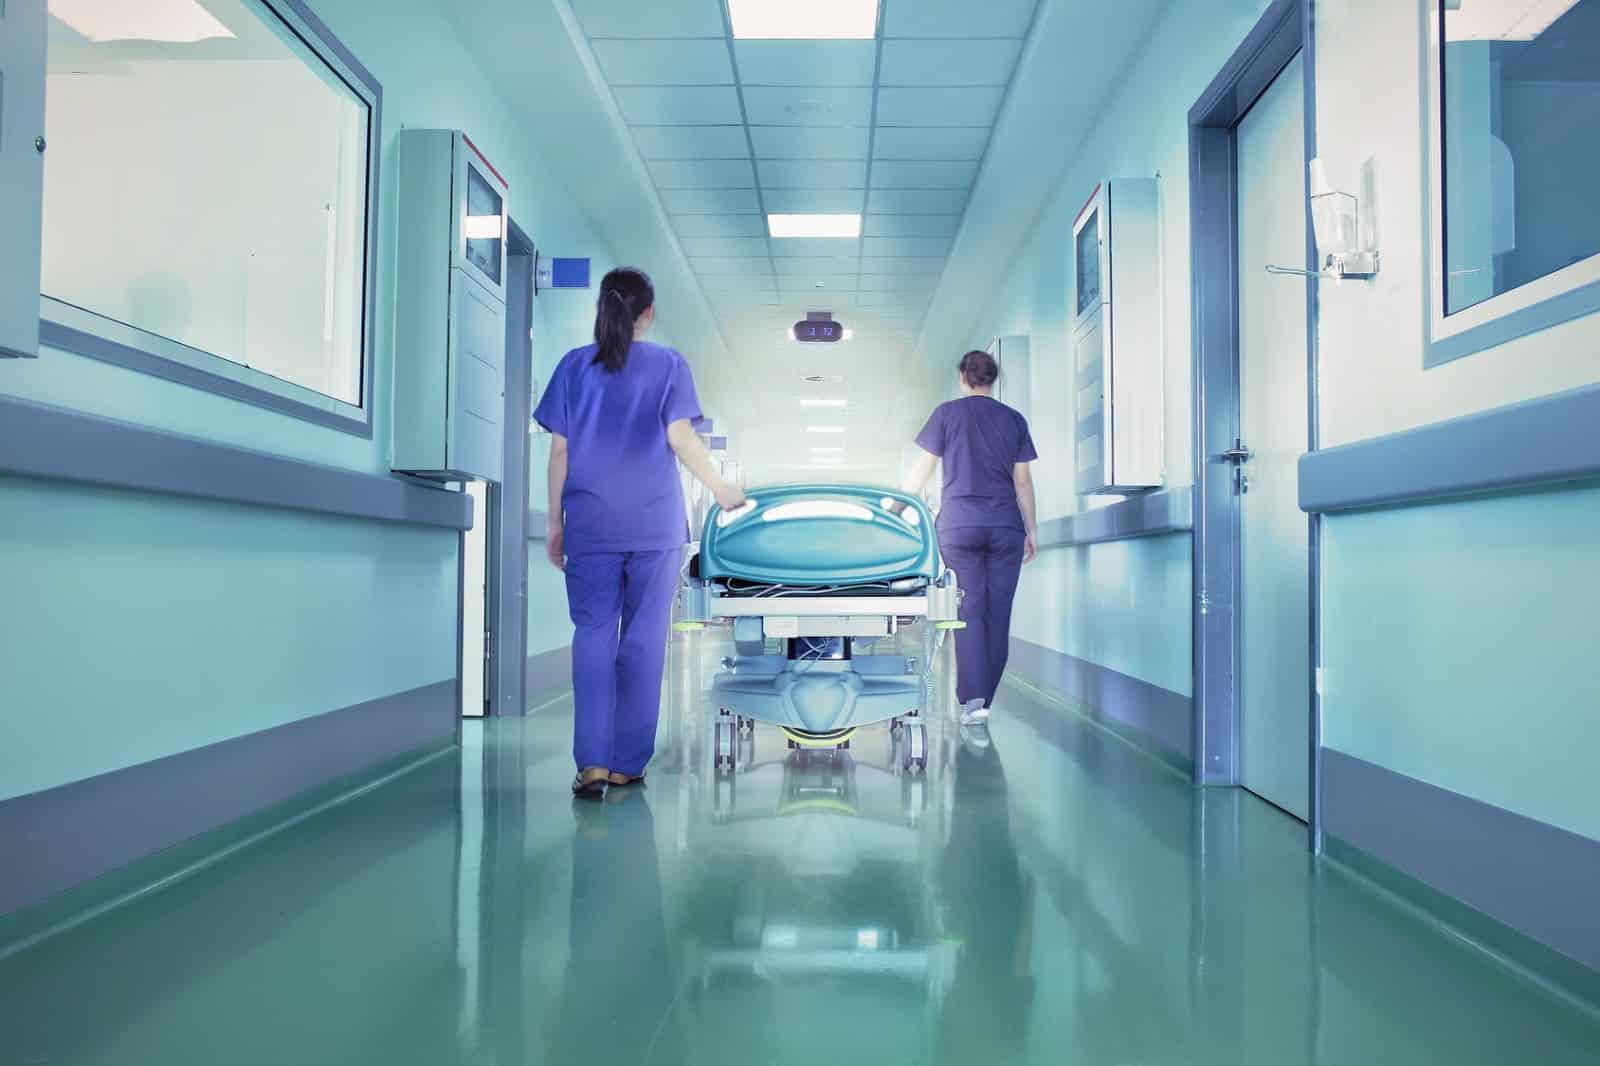 Mancano gli infermieri: in 5 anni persi 7.500 lavoratori del Servizio Sanitario Nazionale